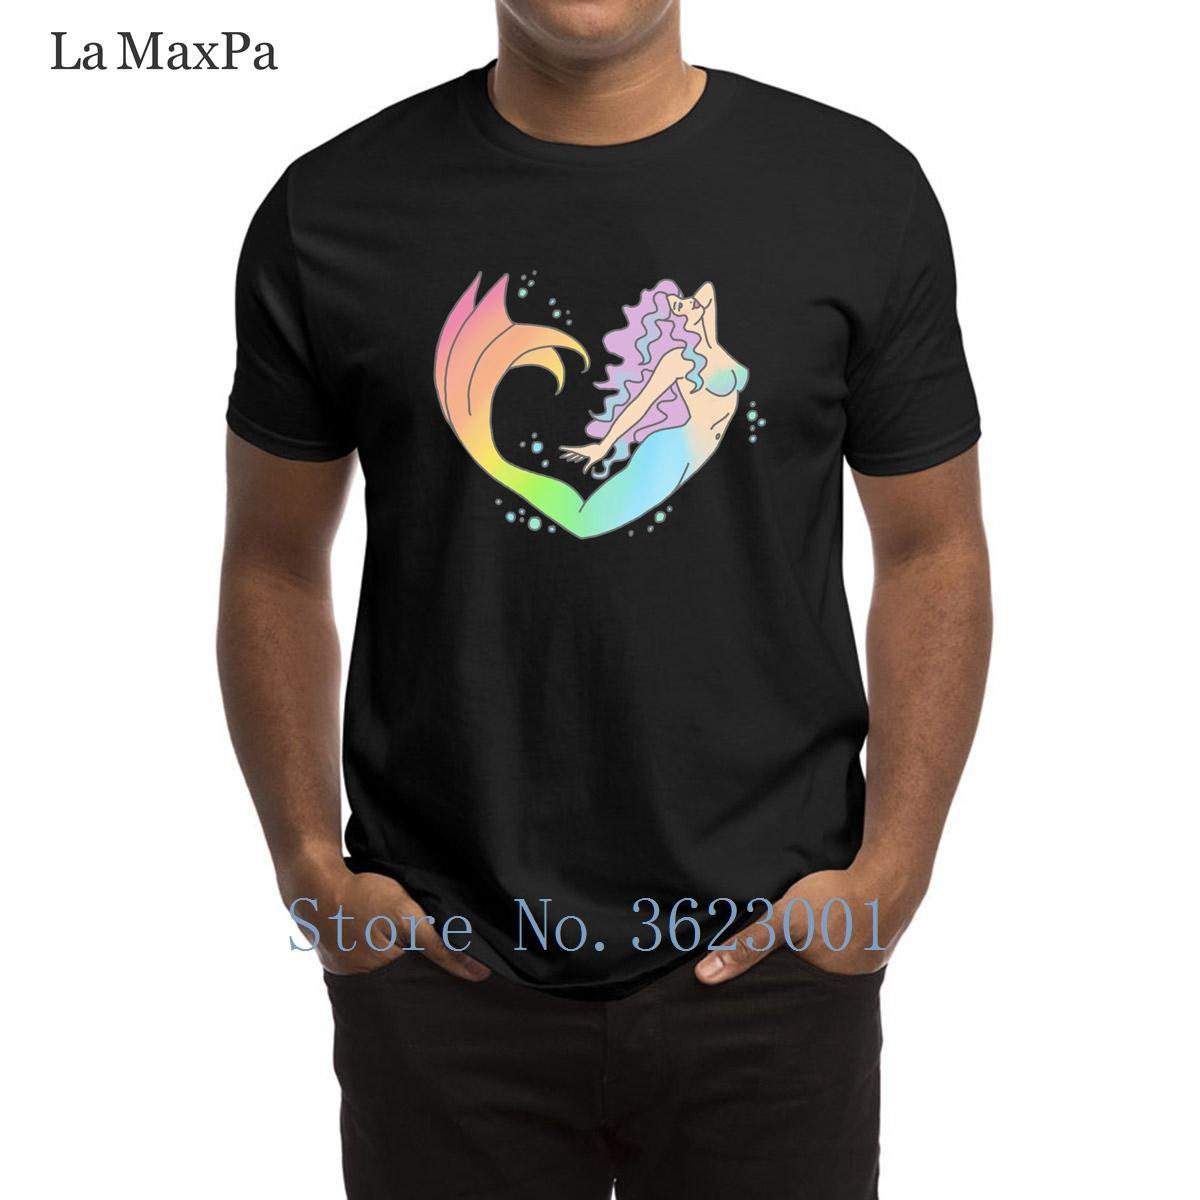 Lettres T-shirt personnalisé Rainbow Magic pastel Girly T-shirt Féministe sirène Quirky T-shirt Homme 2018 O Neck T-shirt pour hommes